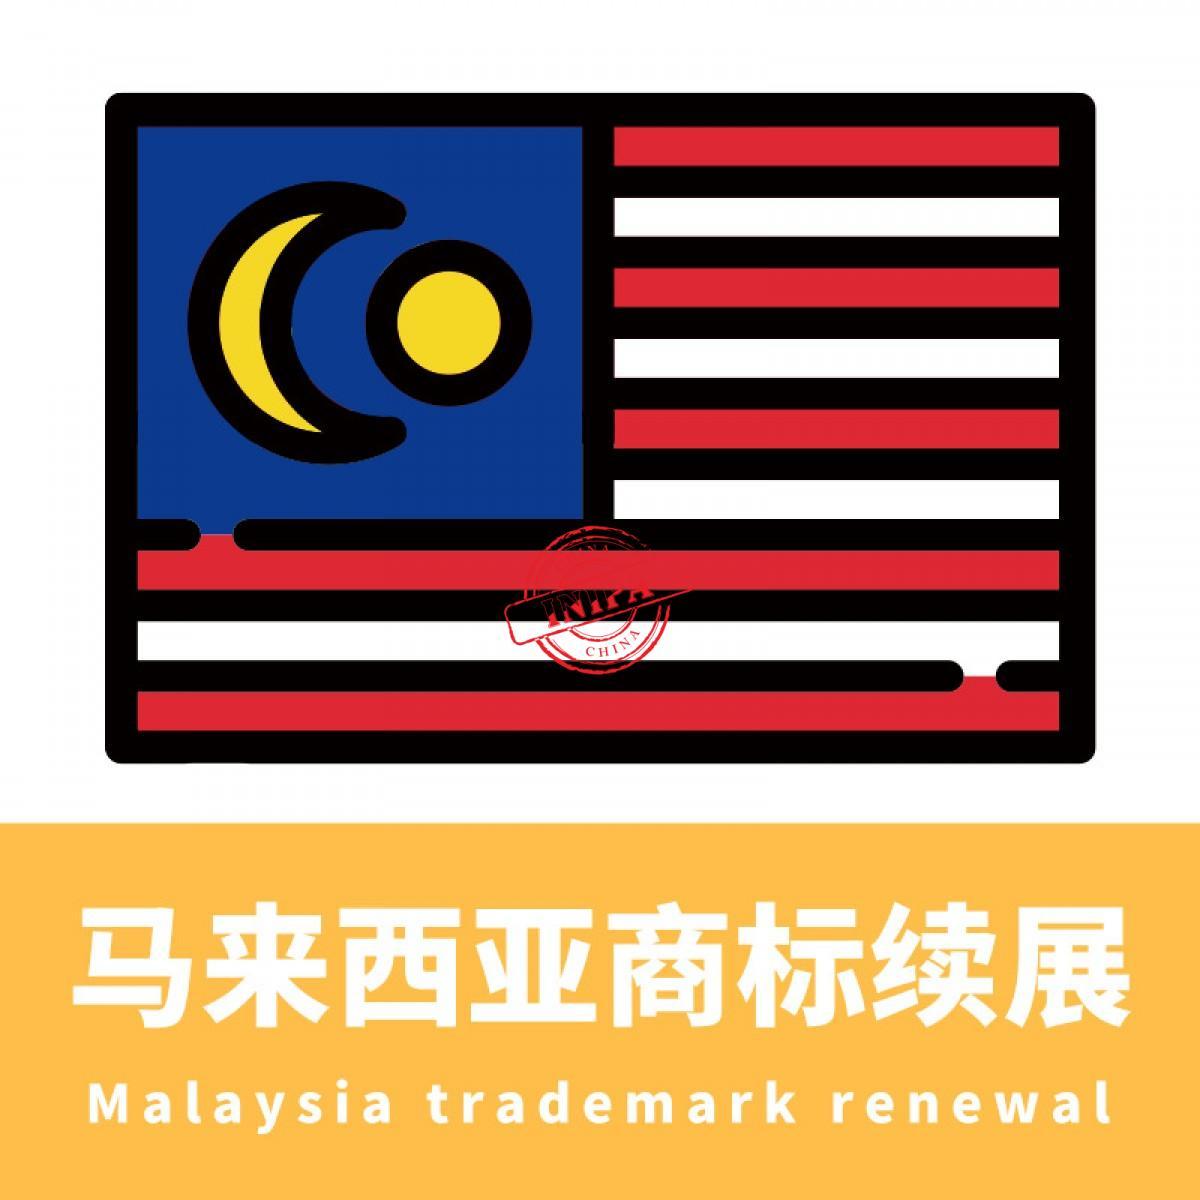 马来西亚商标续展 / Malaysia trademark renewal